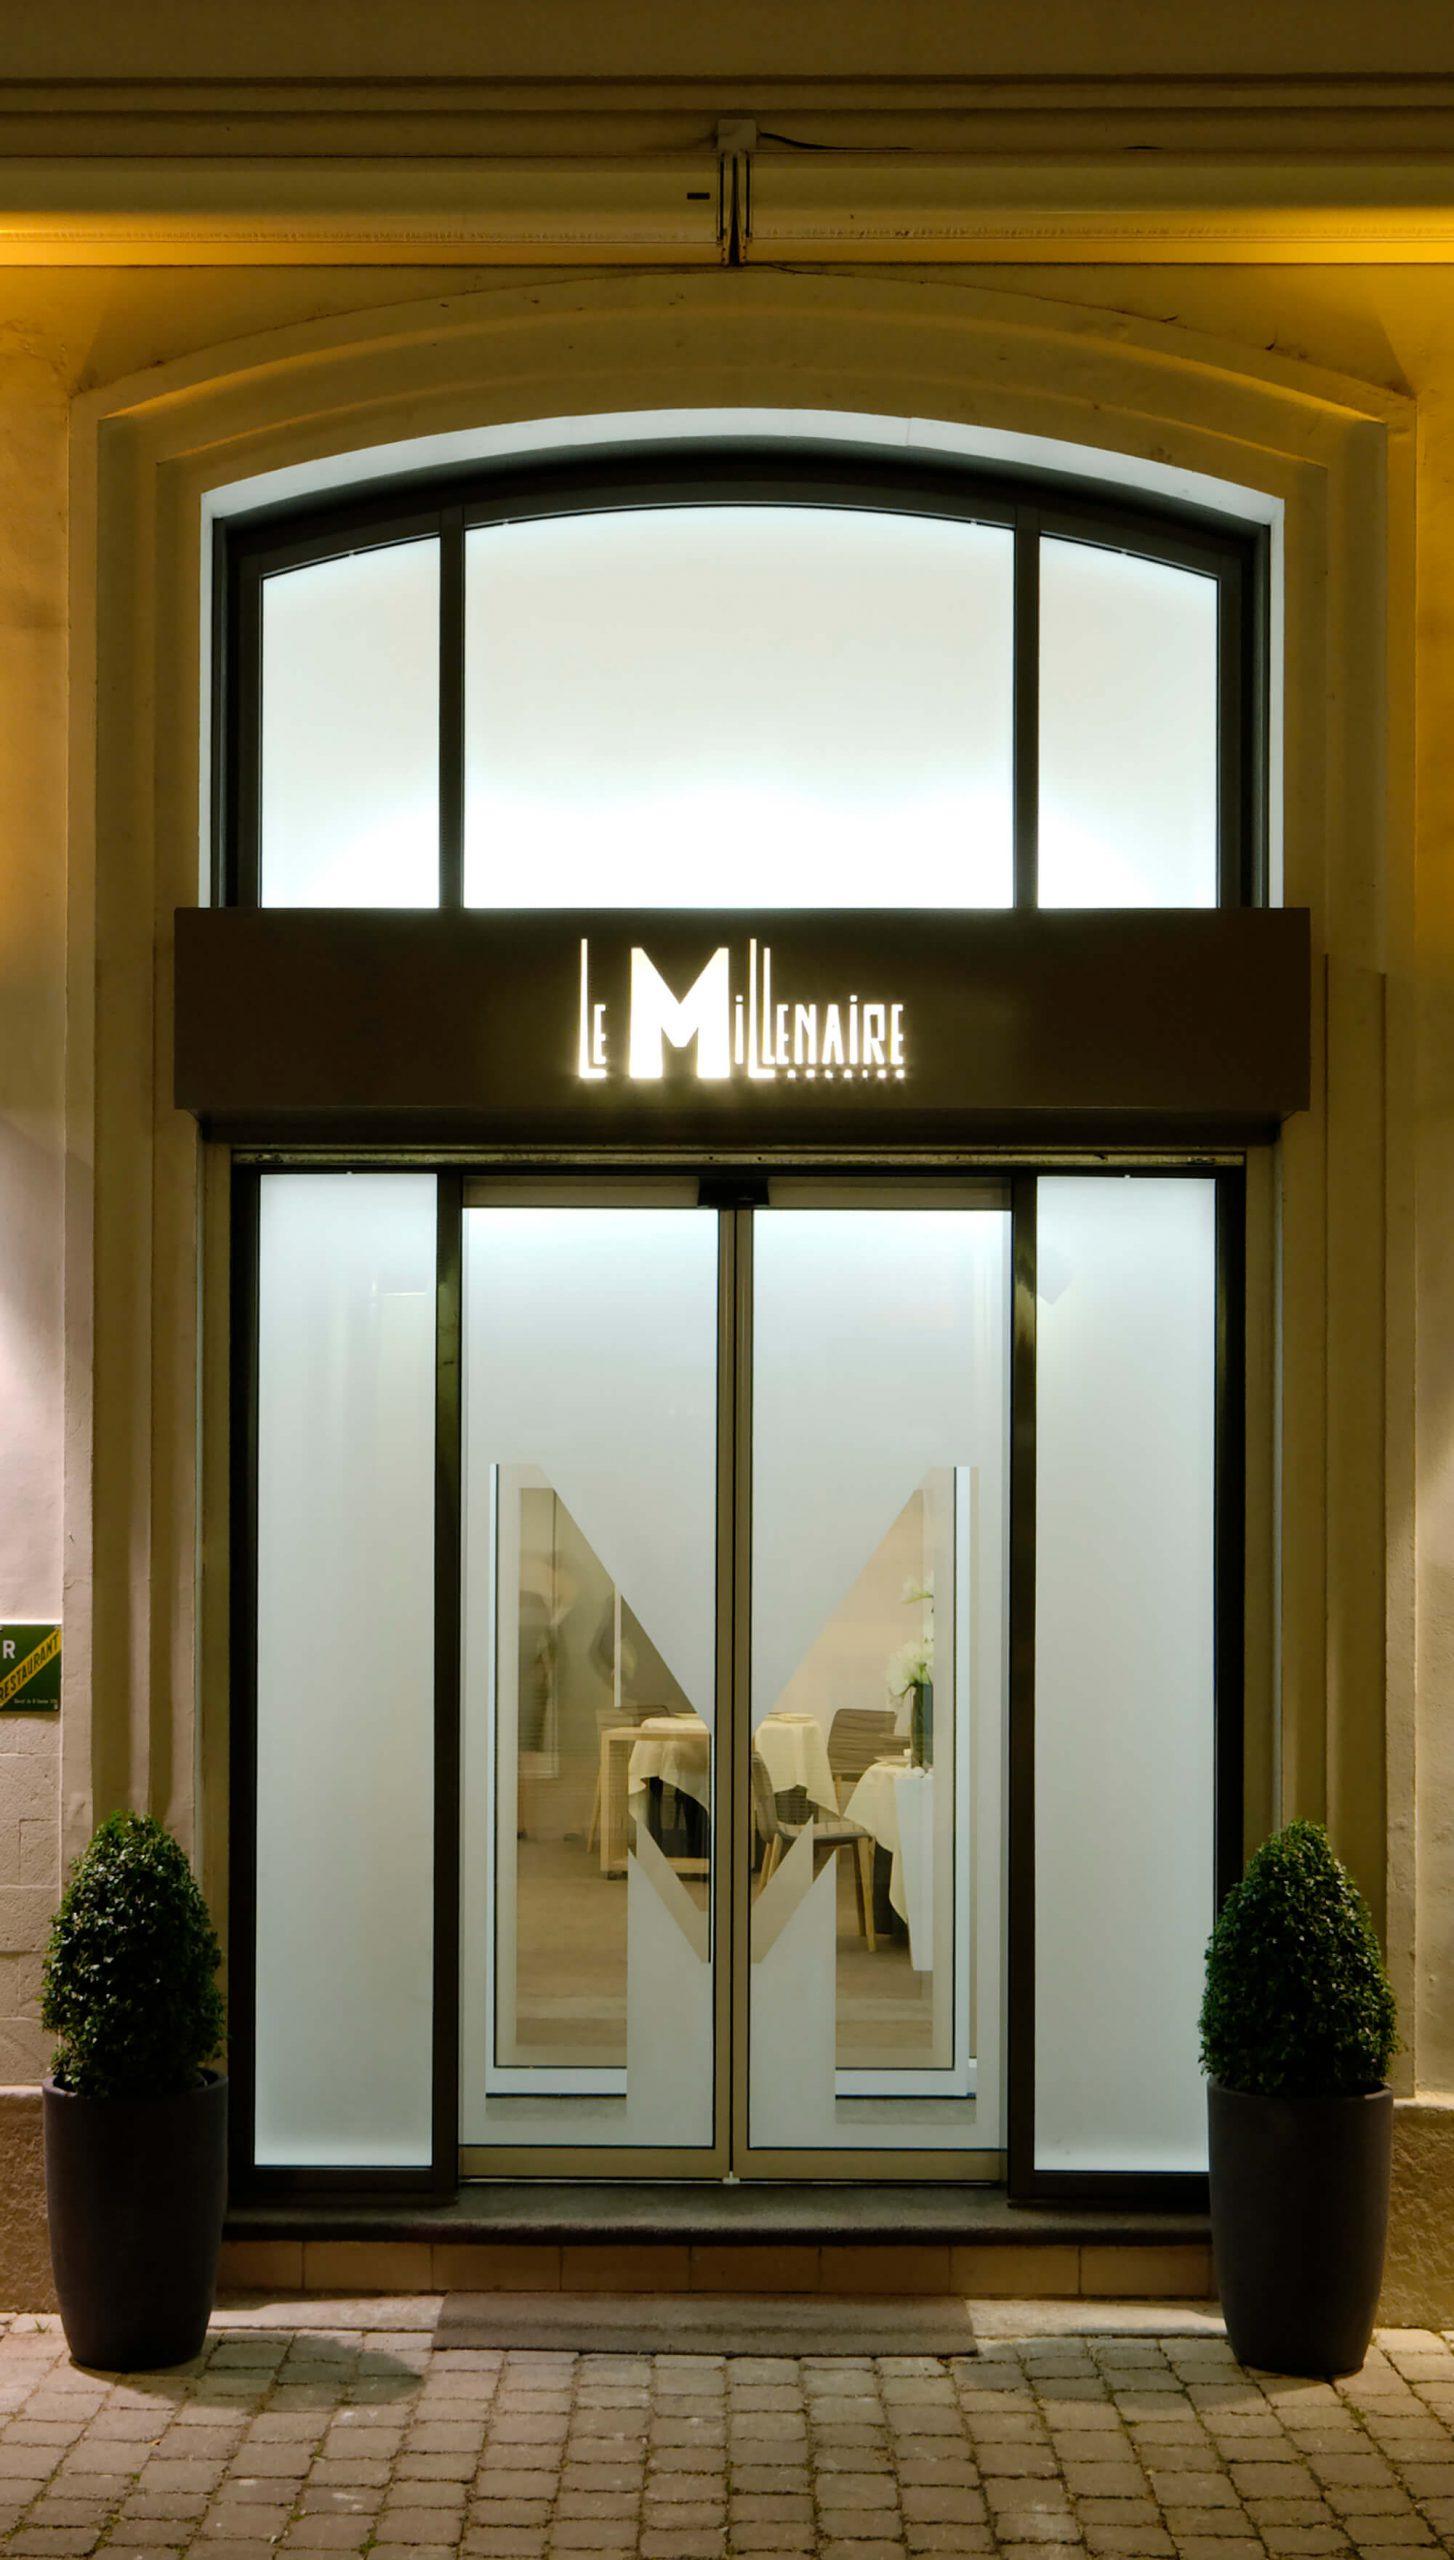 Restaurant Le Millénaire – Reims (51) – 2012